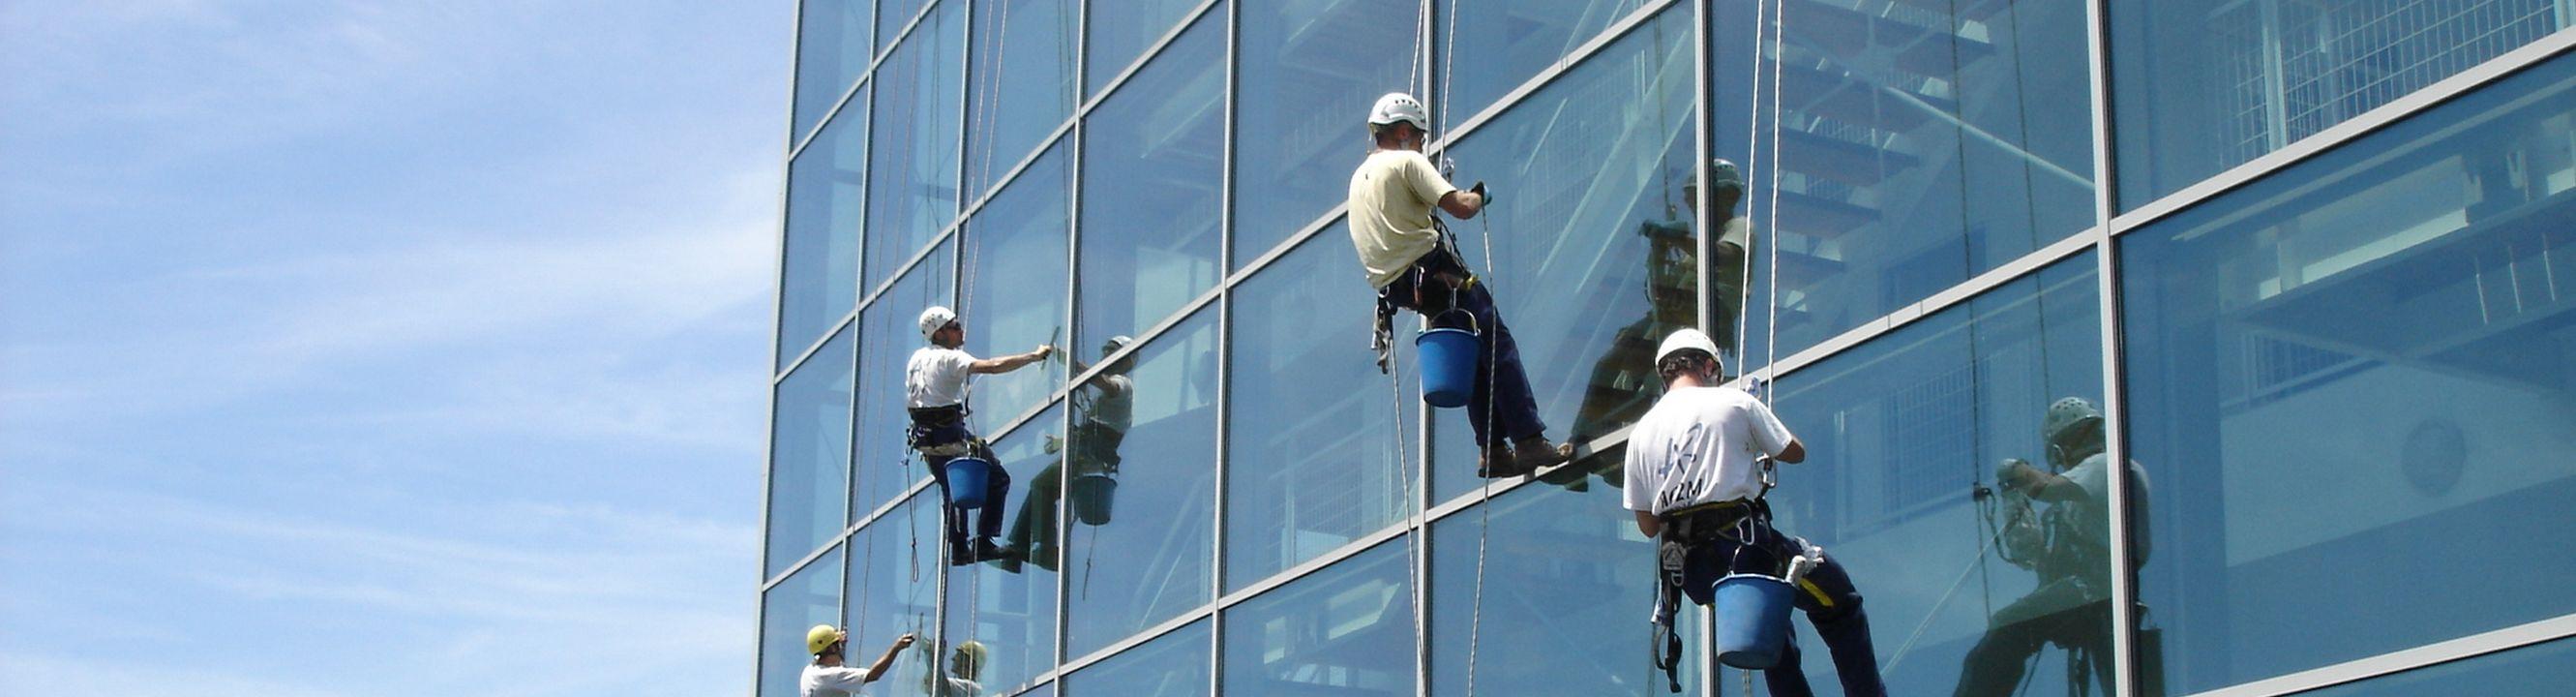 technicien cordiste urbain lavage de vitre confirmé 21000 dijon